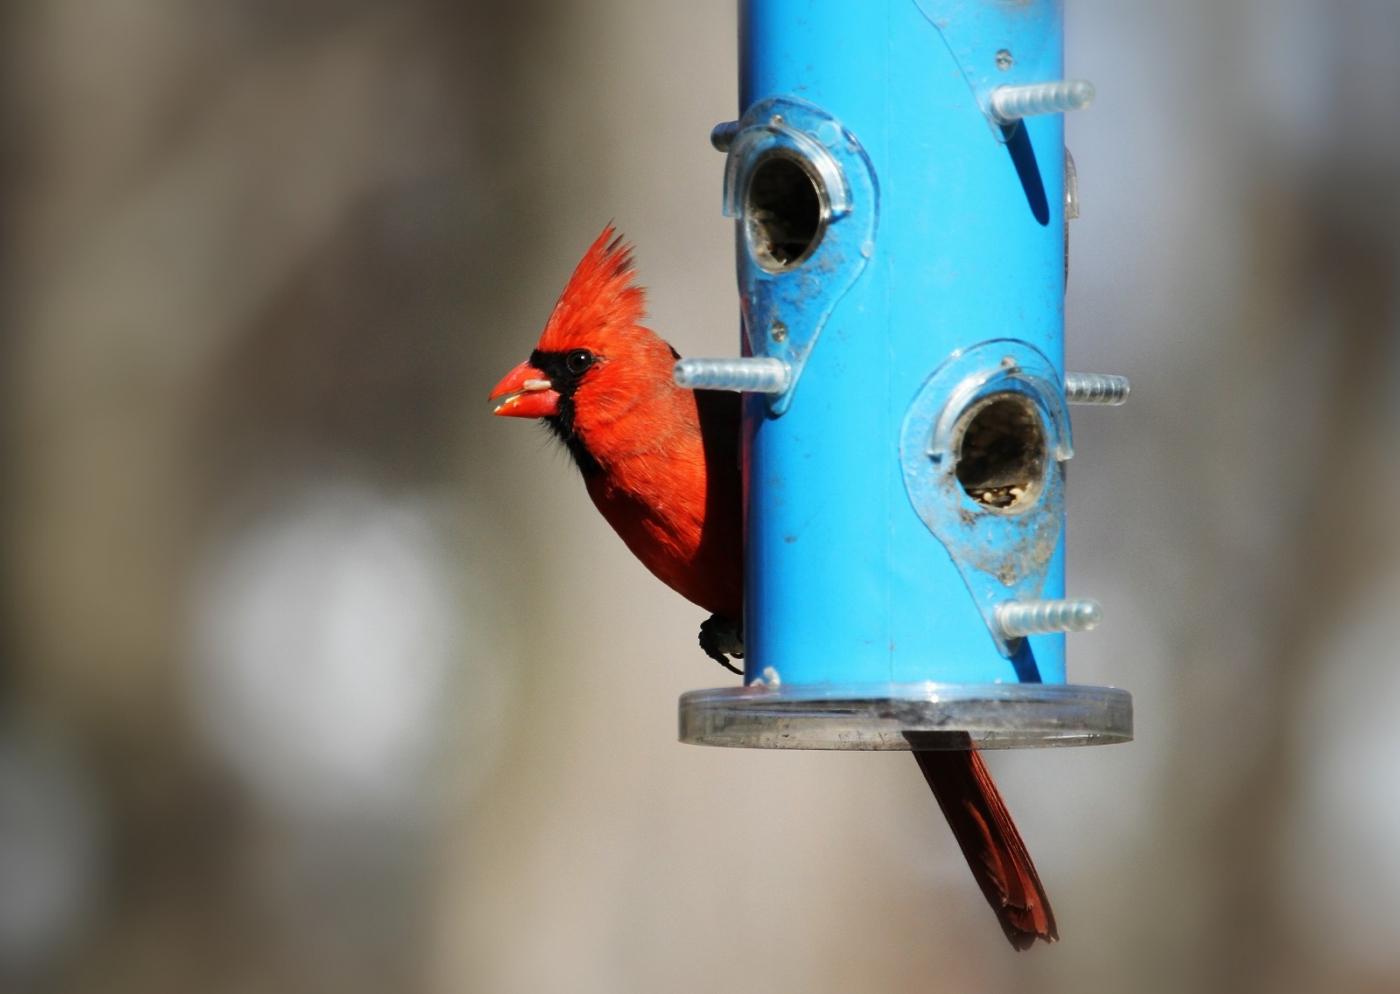 【田螺摄影】天暖了、把喂鸟器装满鸟就来了_图1-1